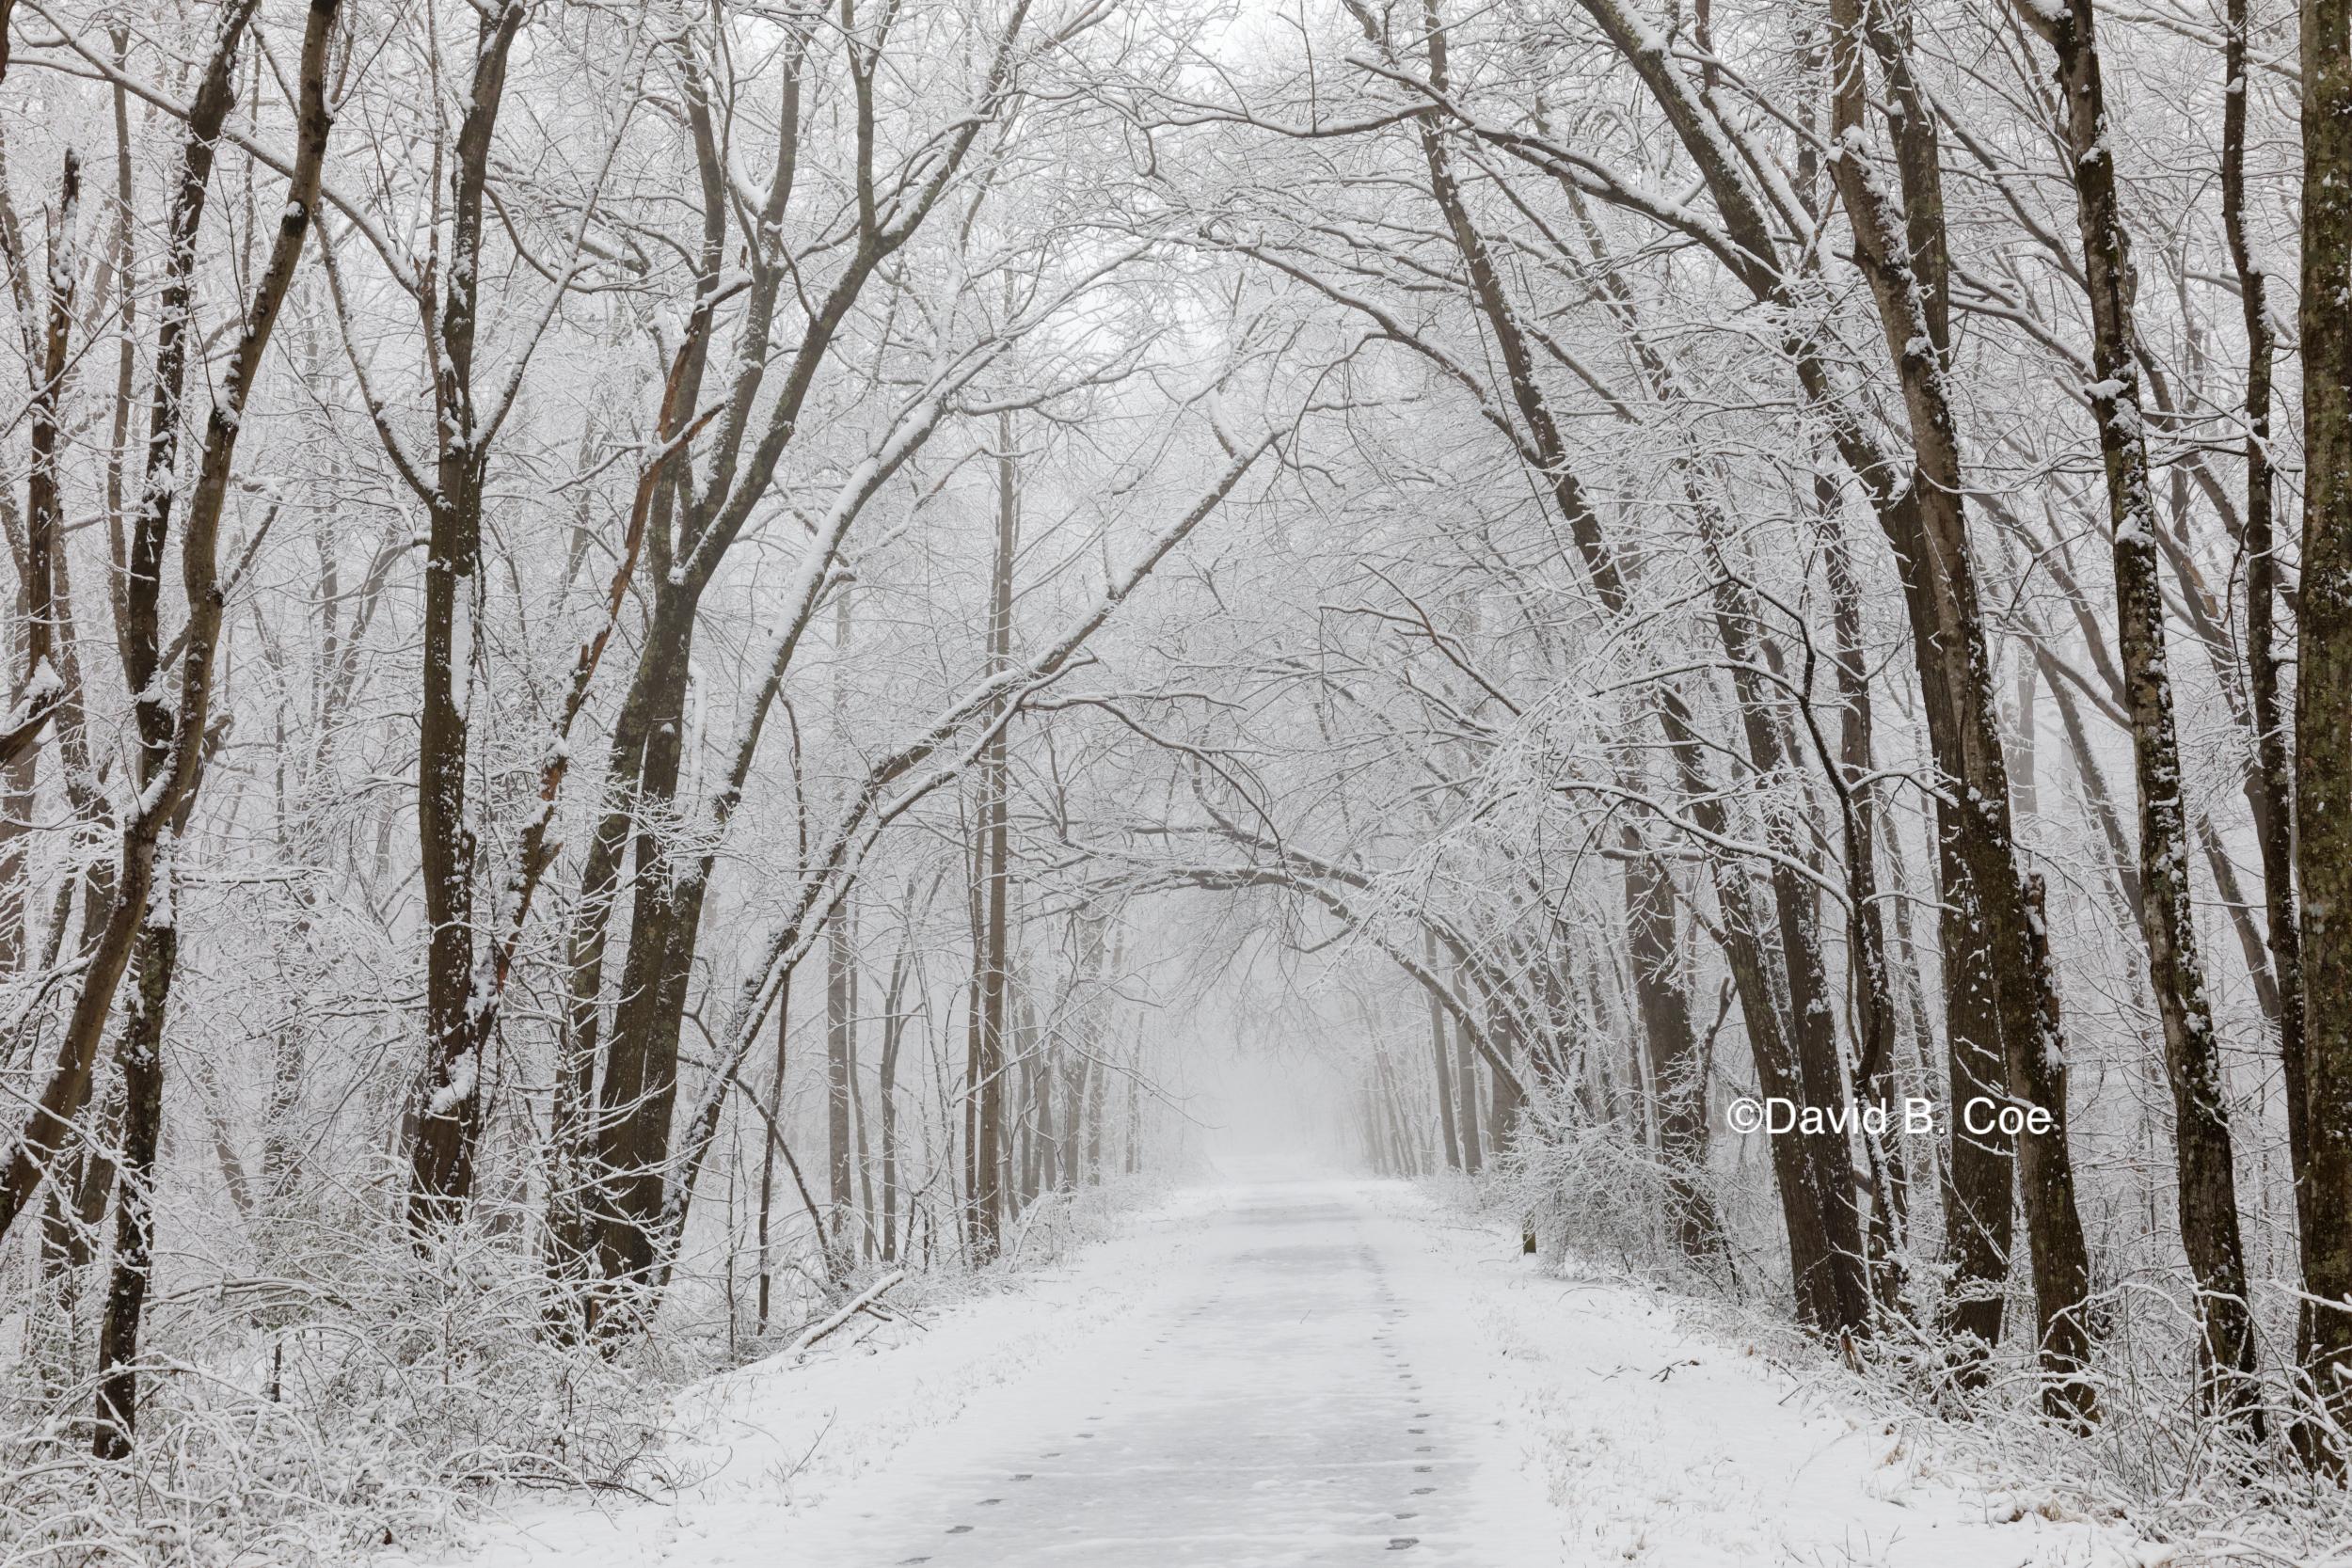 Trail Snowfall I, by David B. Coe